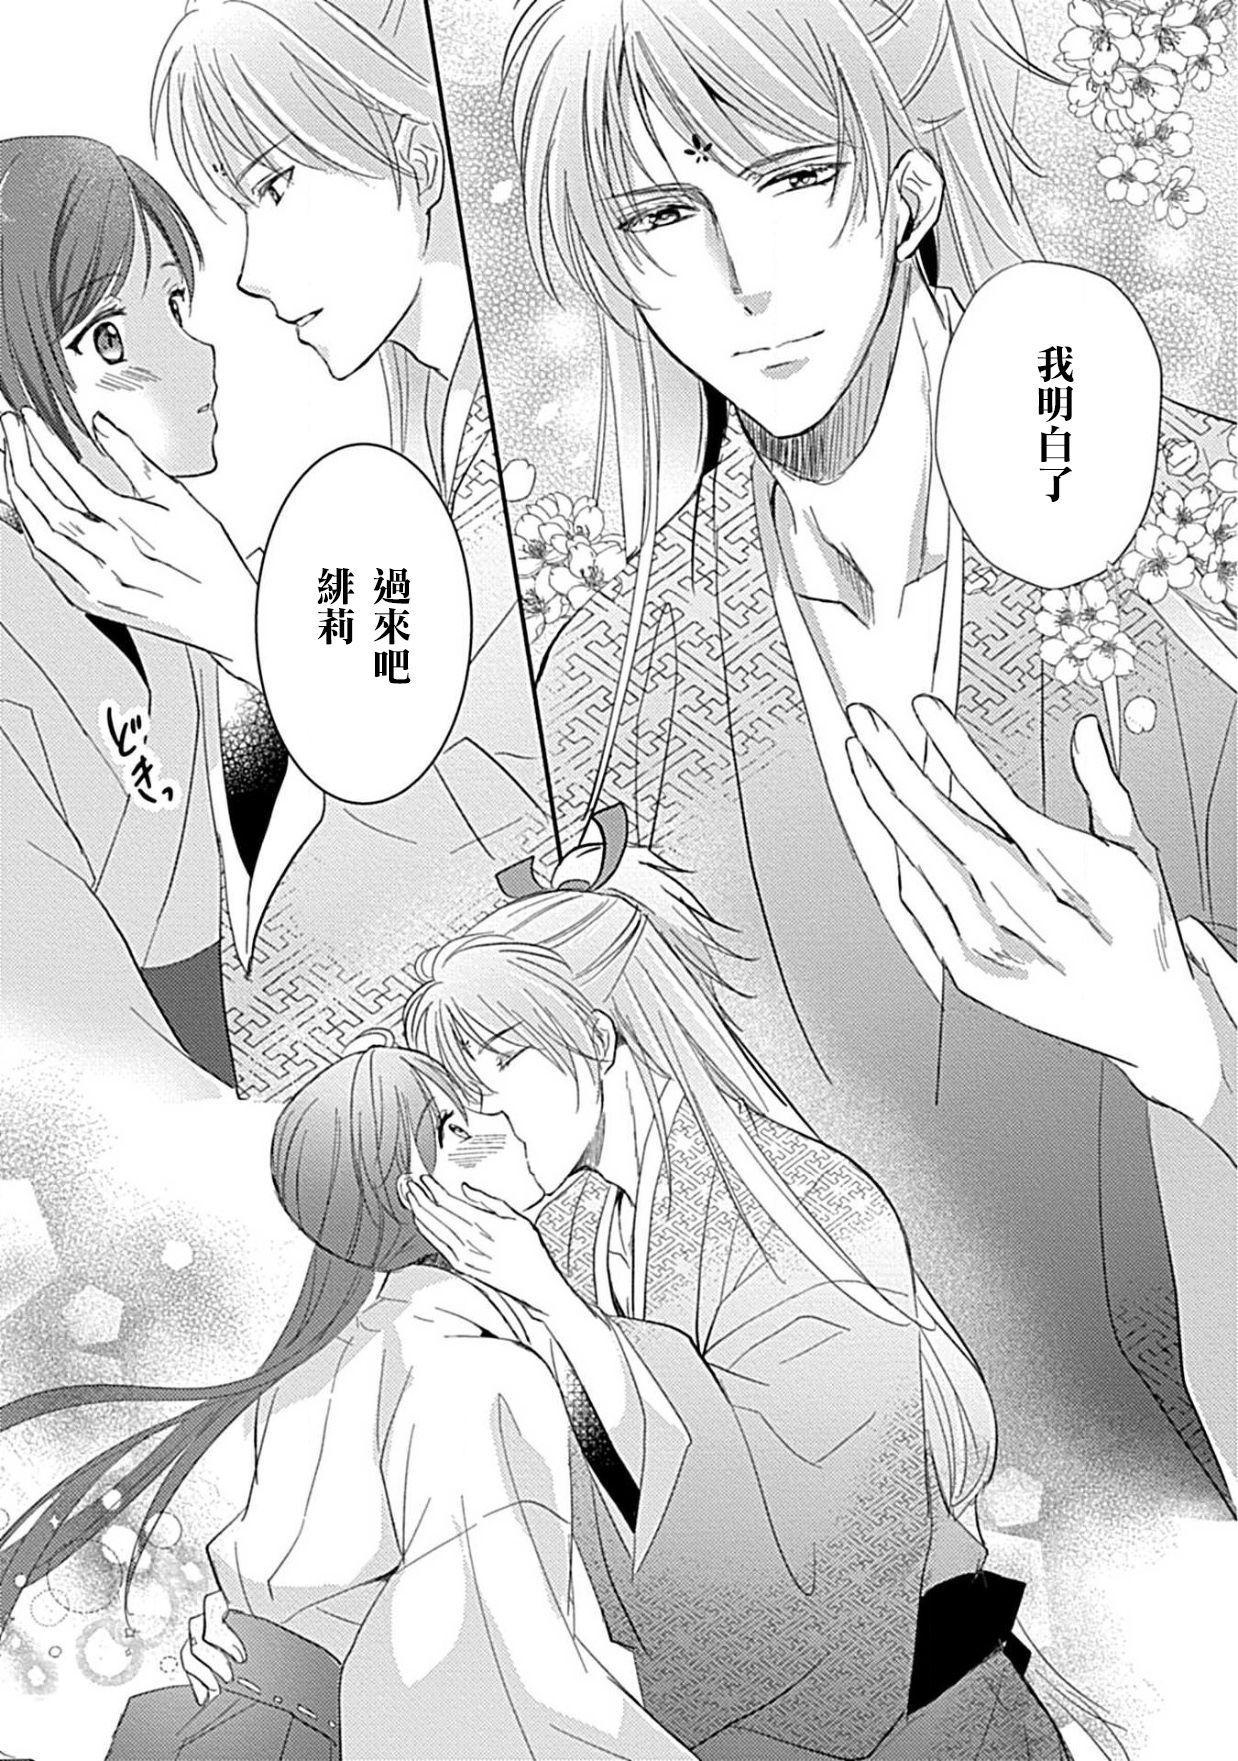 kyosei ranbu itoshi no kamisama ha amayaka ni osu deshita | 嬌聲亂舞 深愛的神明大人甜寵且英勇 9